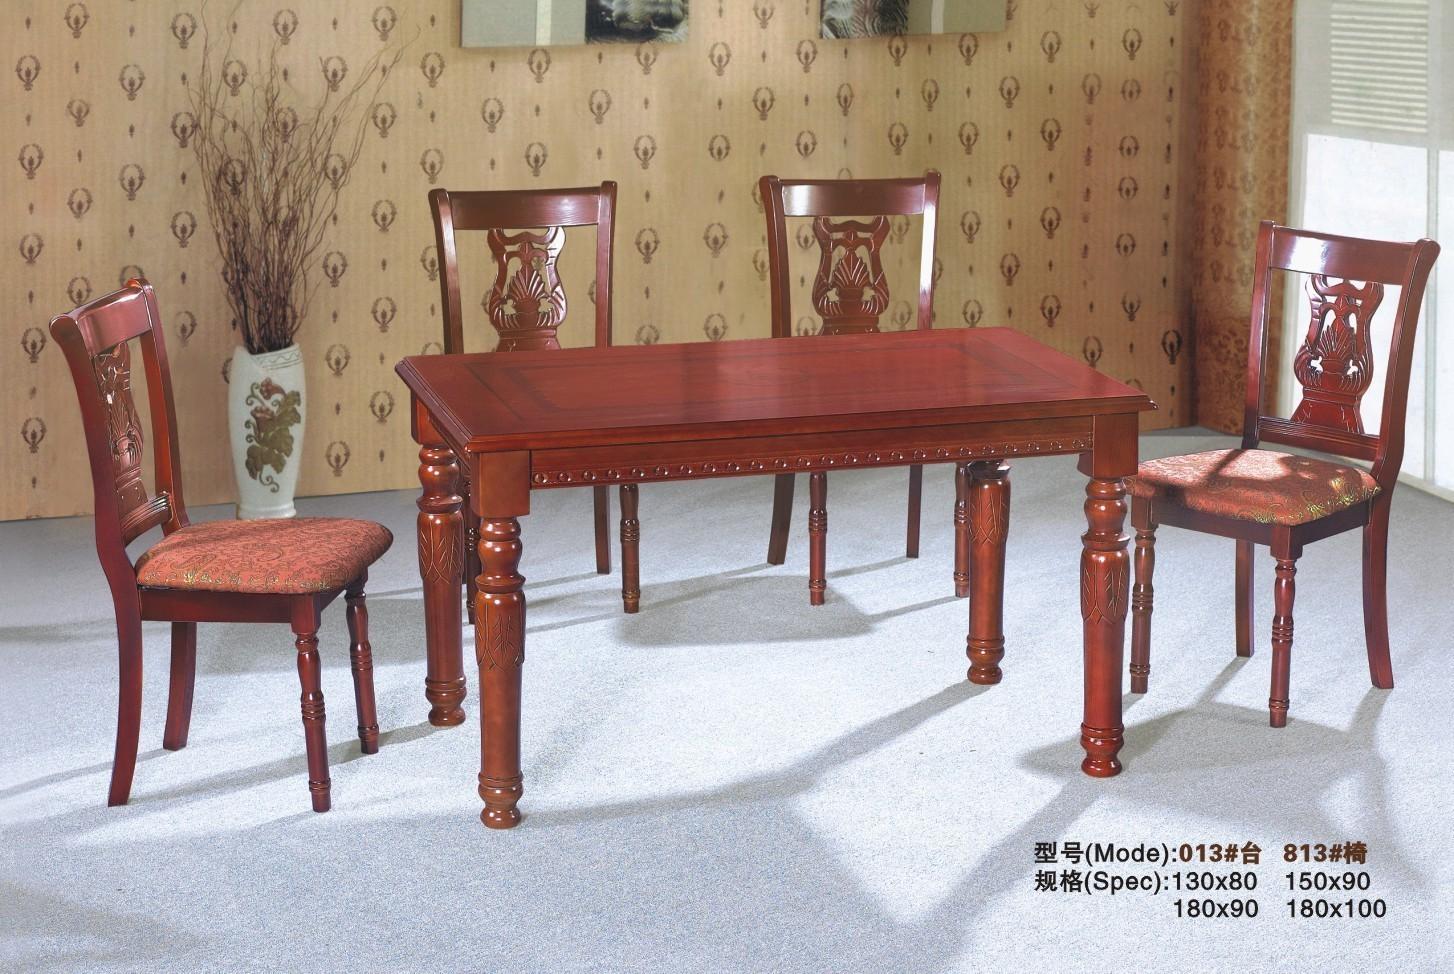 酒庄酒窖会所品酒 欧式豪华餐桌椅